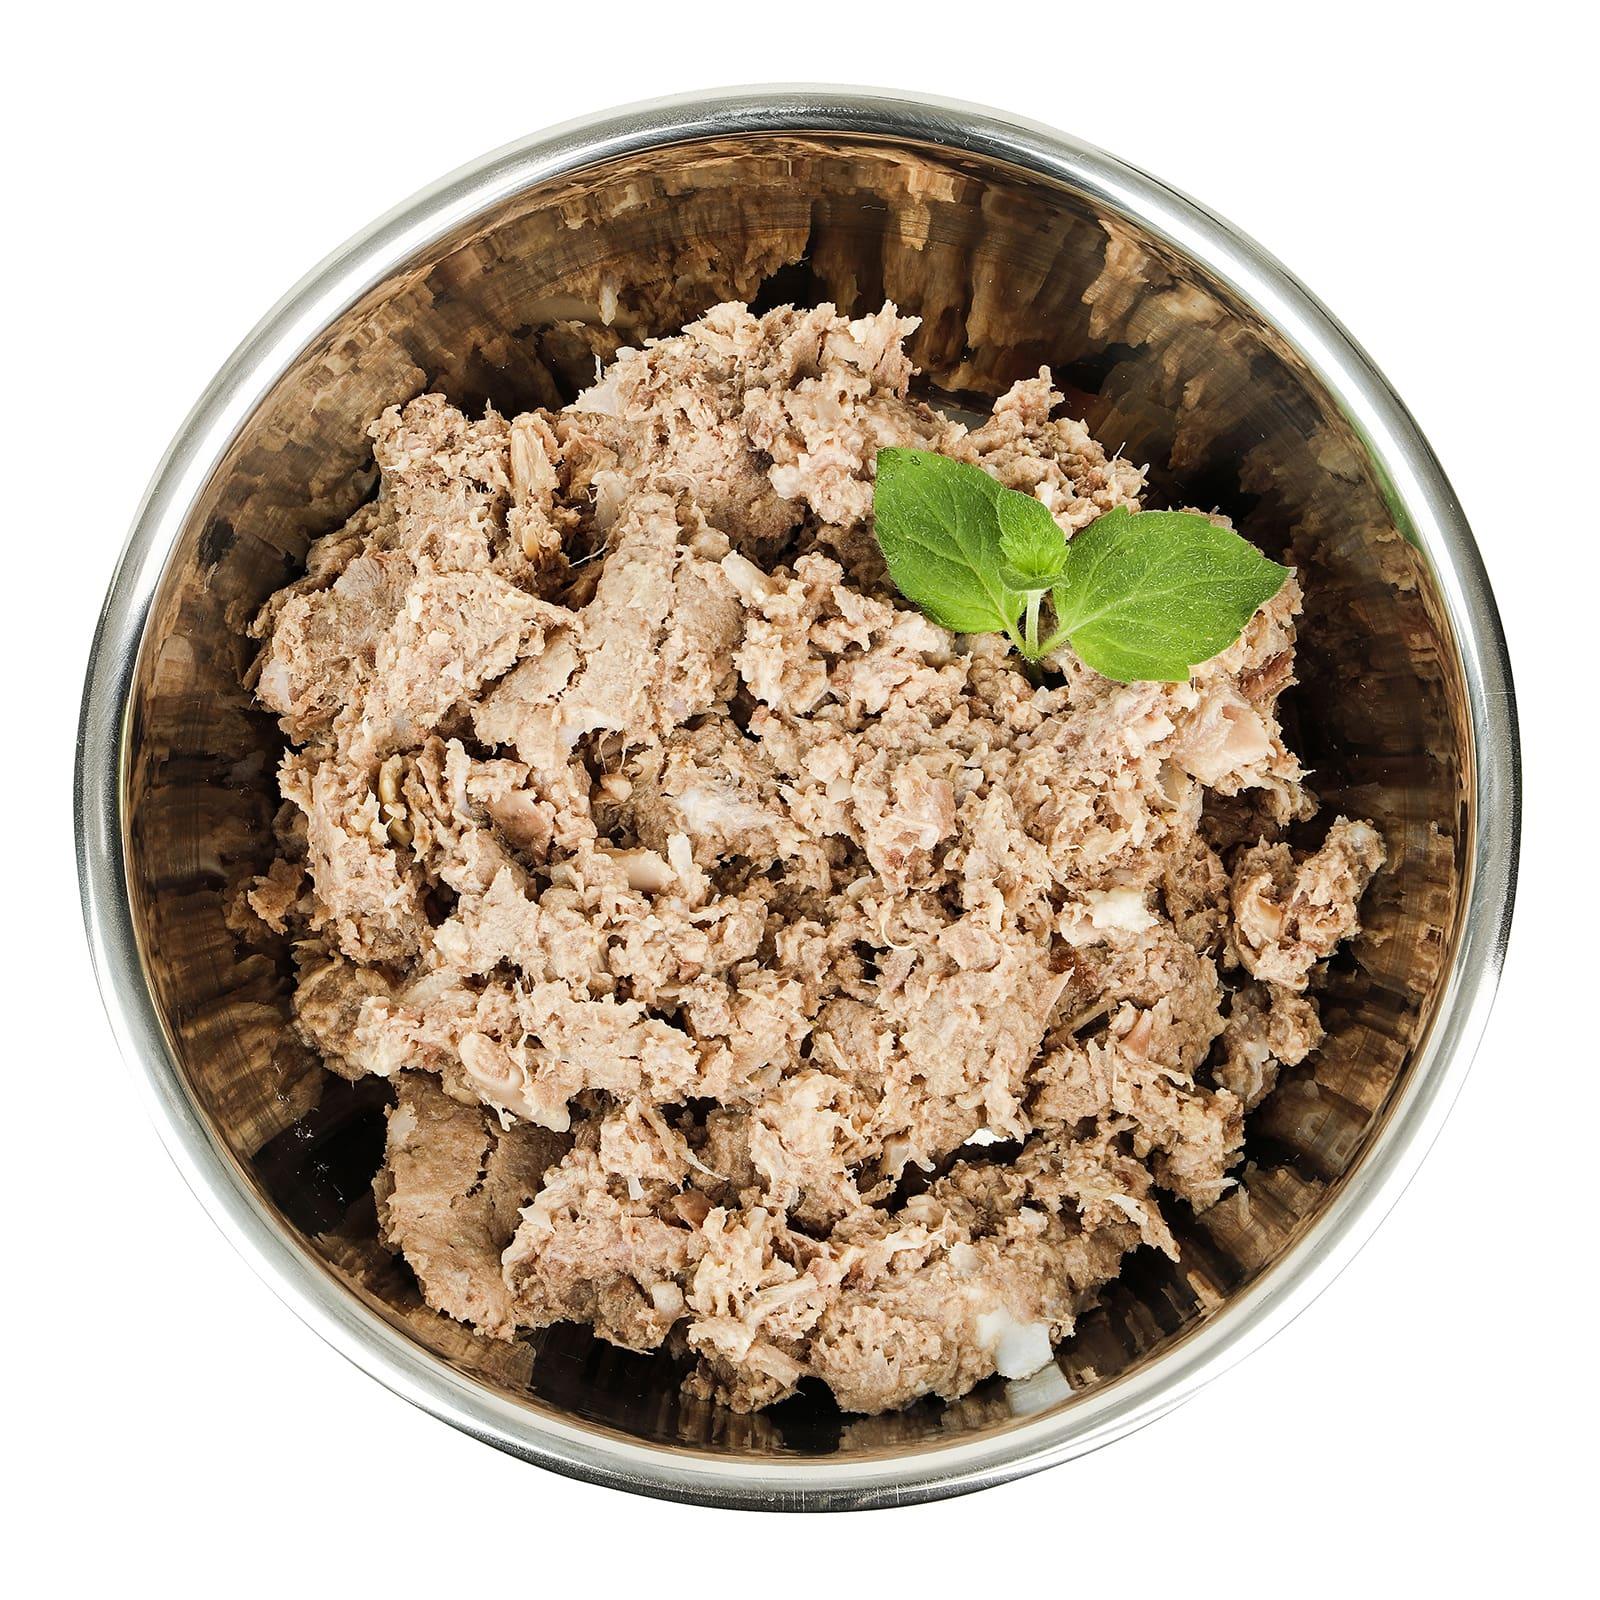 28kg BARF / Hundefutter für 29,15€ inkl. Versand | Angebot 1€/kg